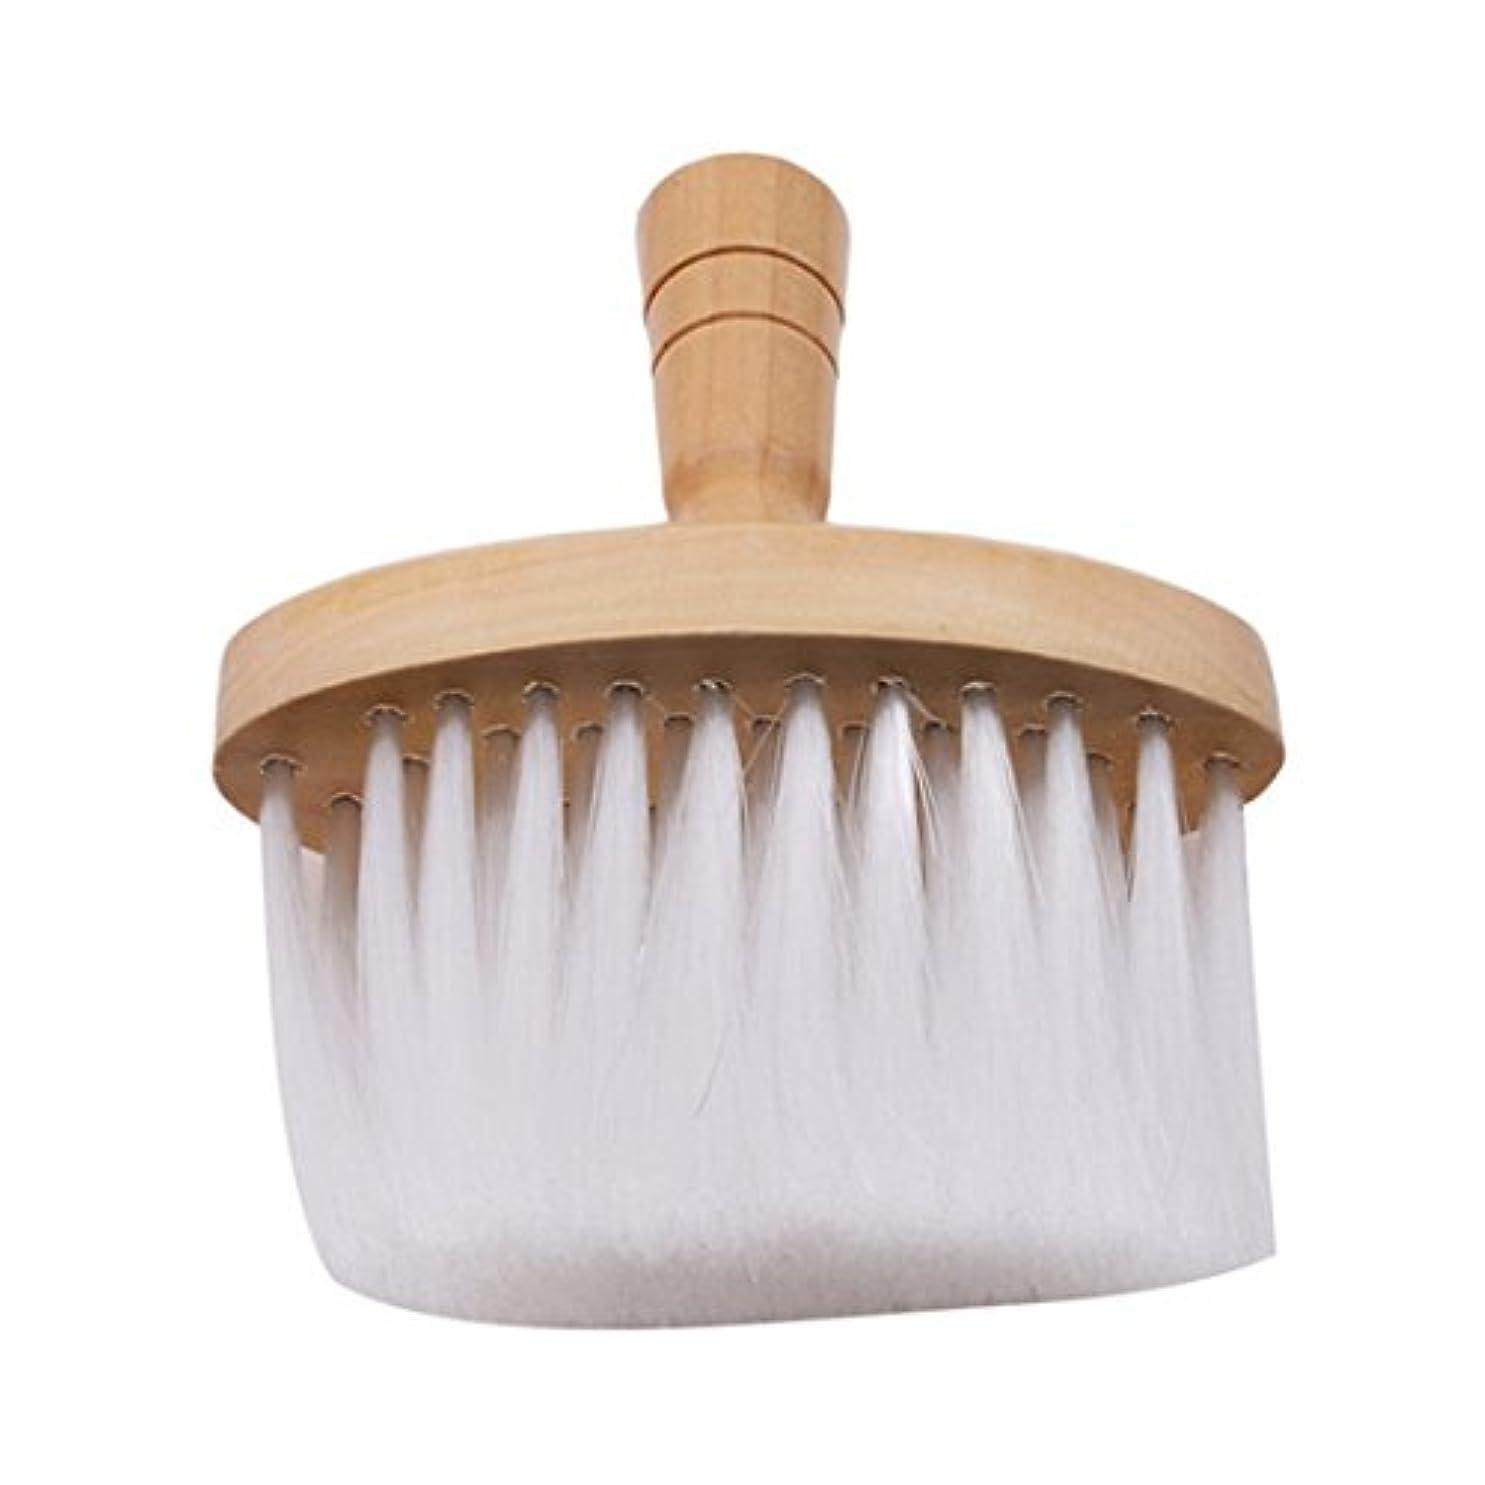 辛い一生必要条件VWHプロフェッショナルバーバーブラシ 木製ネックフェイスブラシサロンネックダスターブラシ 理髪 ヘアカット